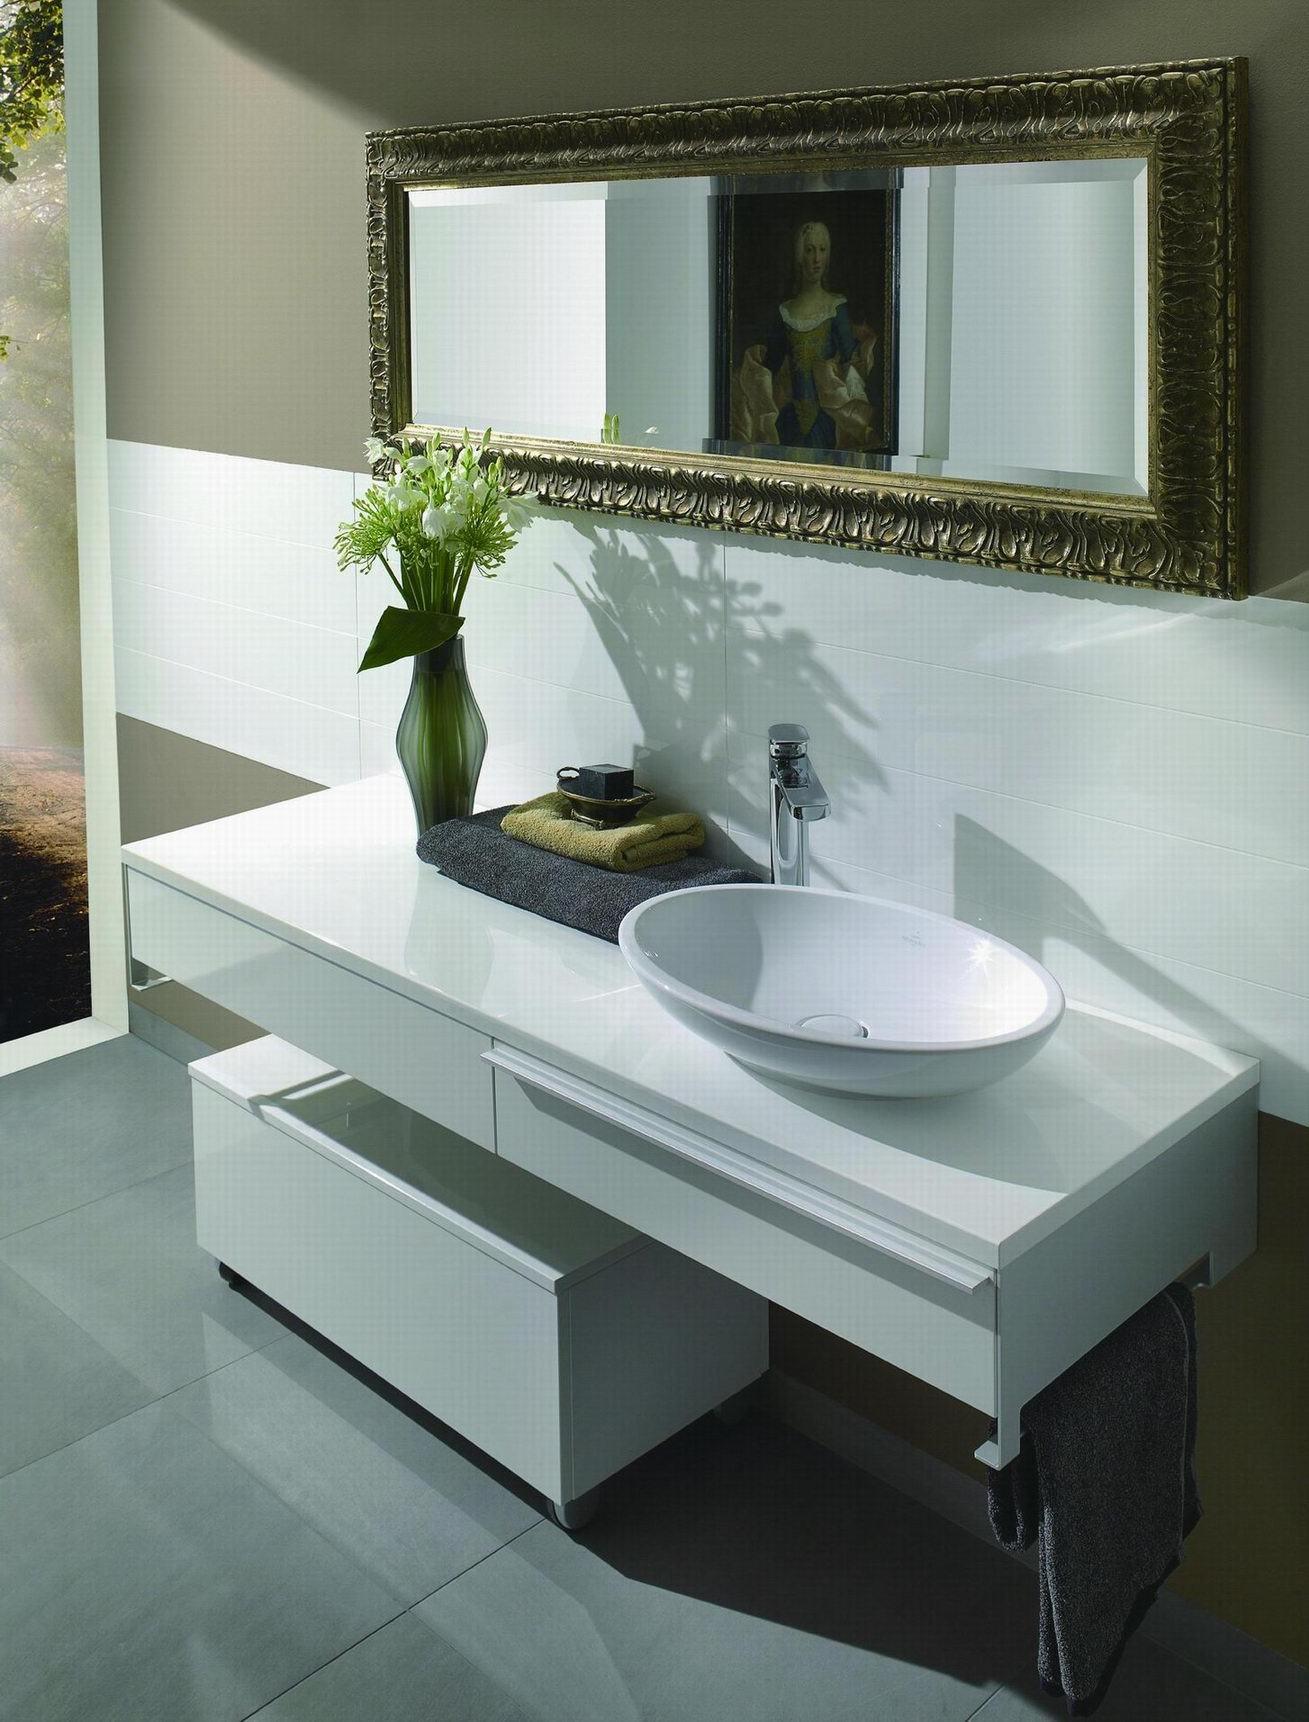 Armário De Banheiro Moderno Lustroso Britânico Do Mdf Tm305a  #616746 1309x1722 Balcao Banheiro Moderno